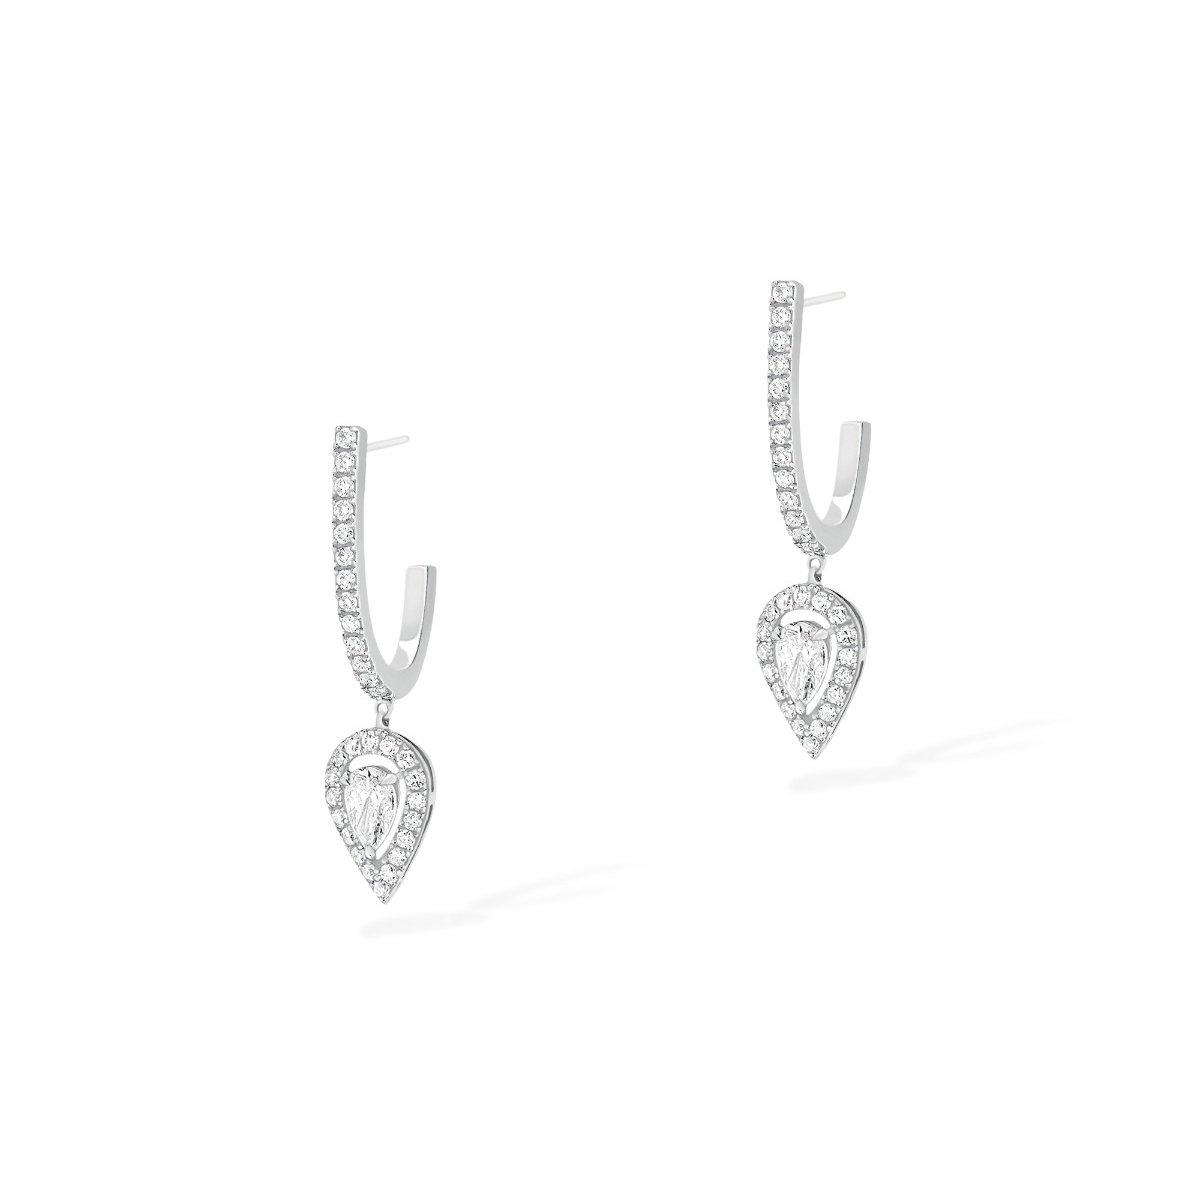 Boucles d'oreilles créoles Messika Joy en or blanc et diamants vue 2